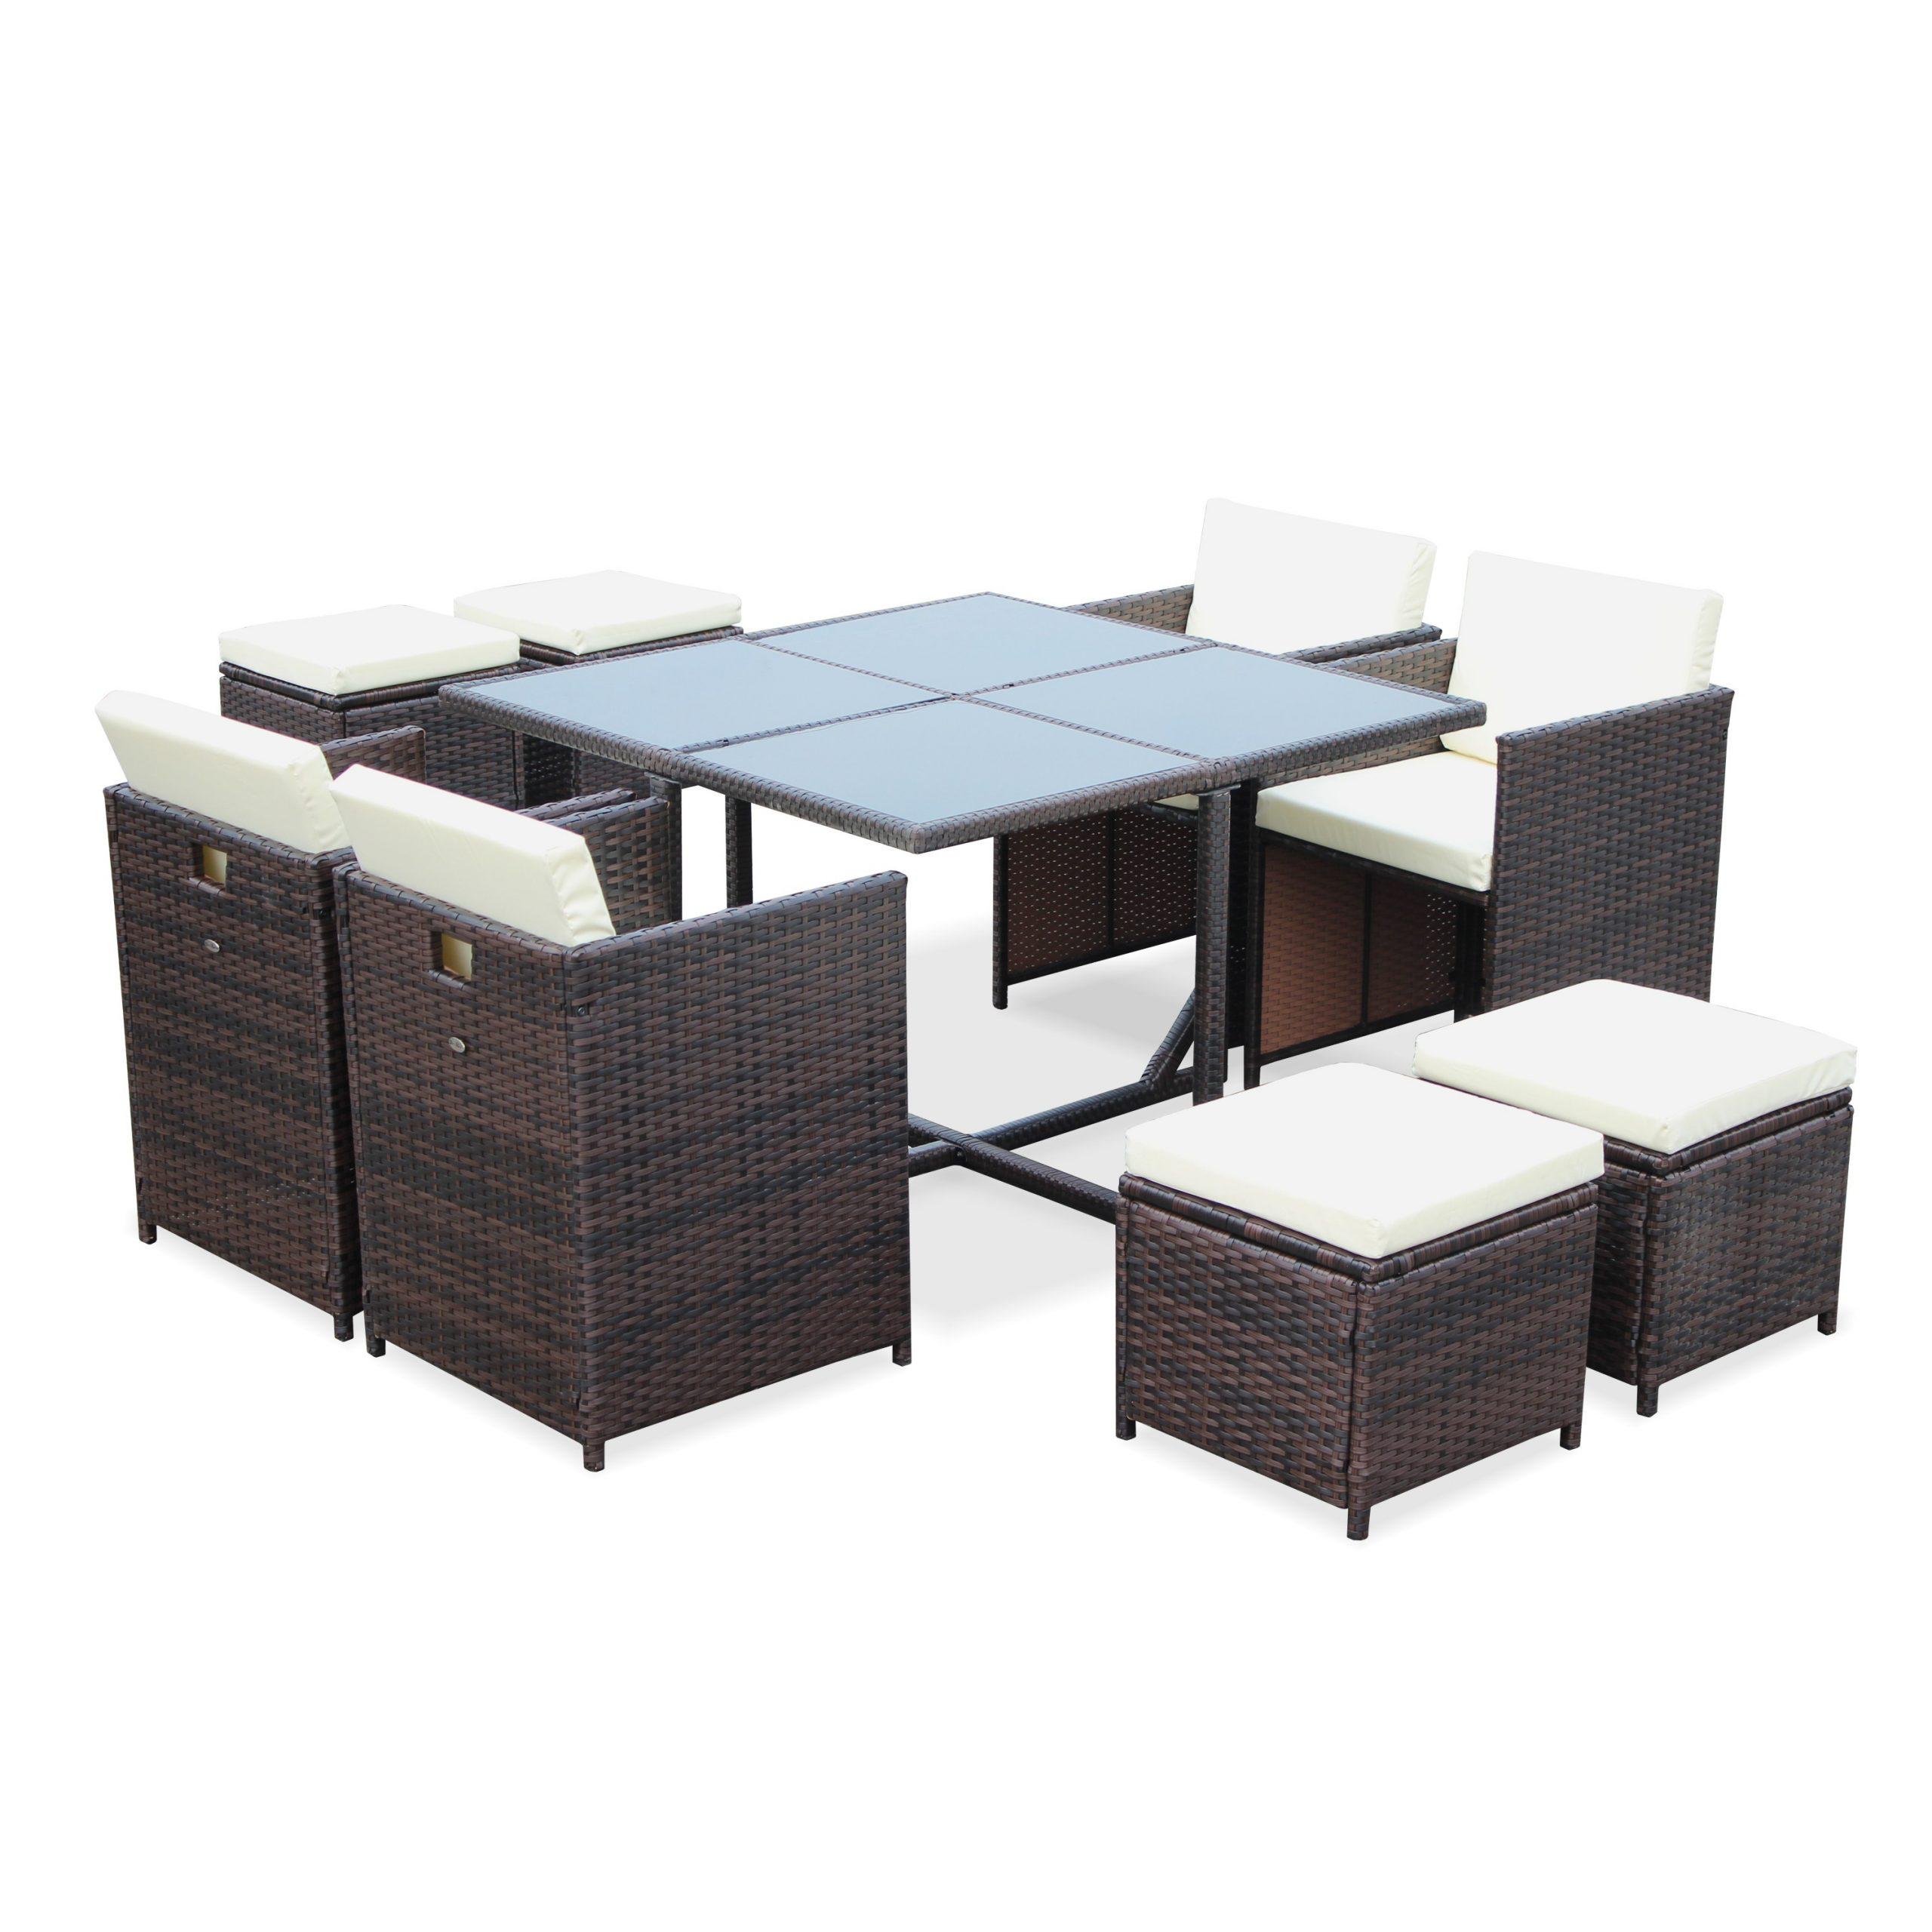 De Table Table De Fauteuil Jardin Encastrable Qcdtsrbohx à Table De Jardin Encastrable